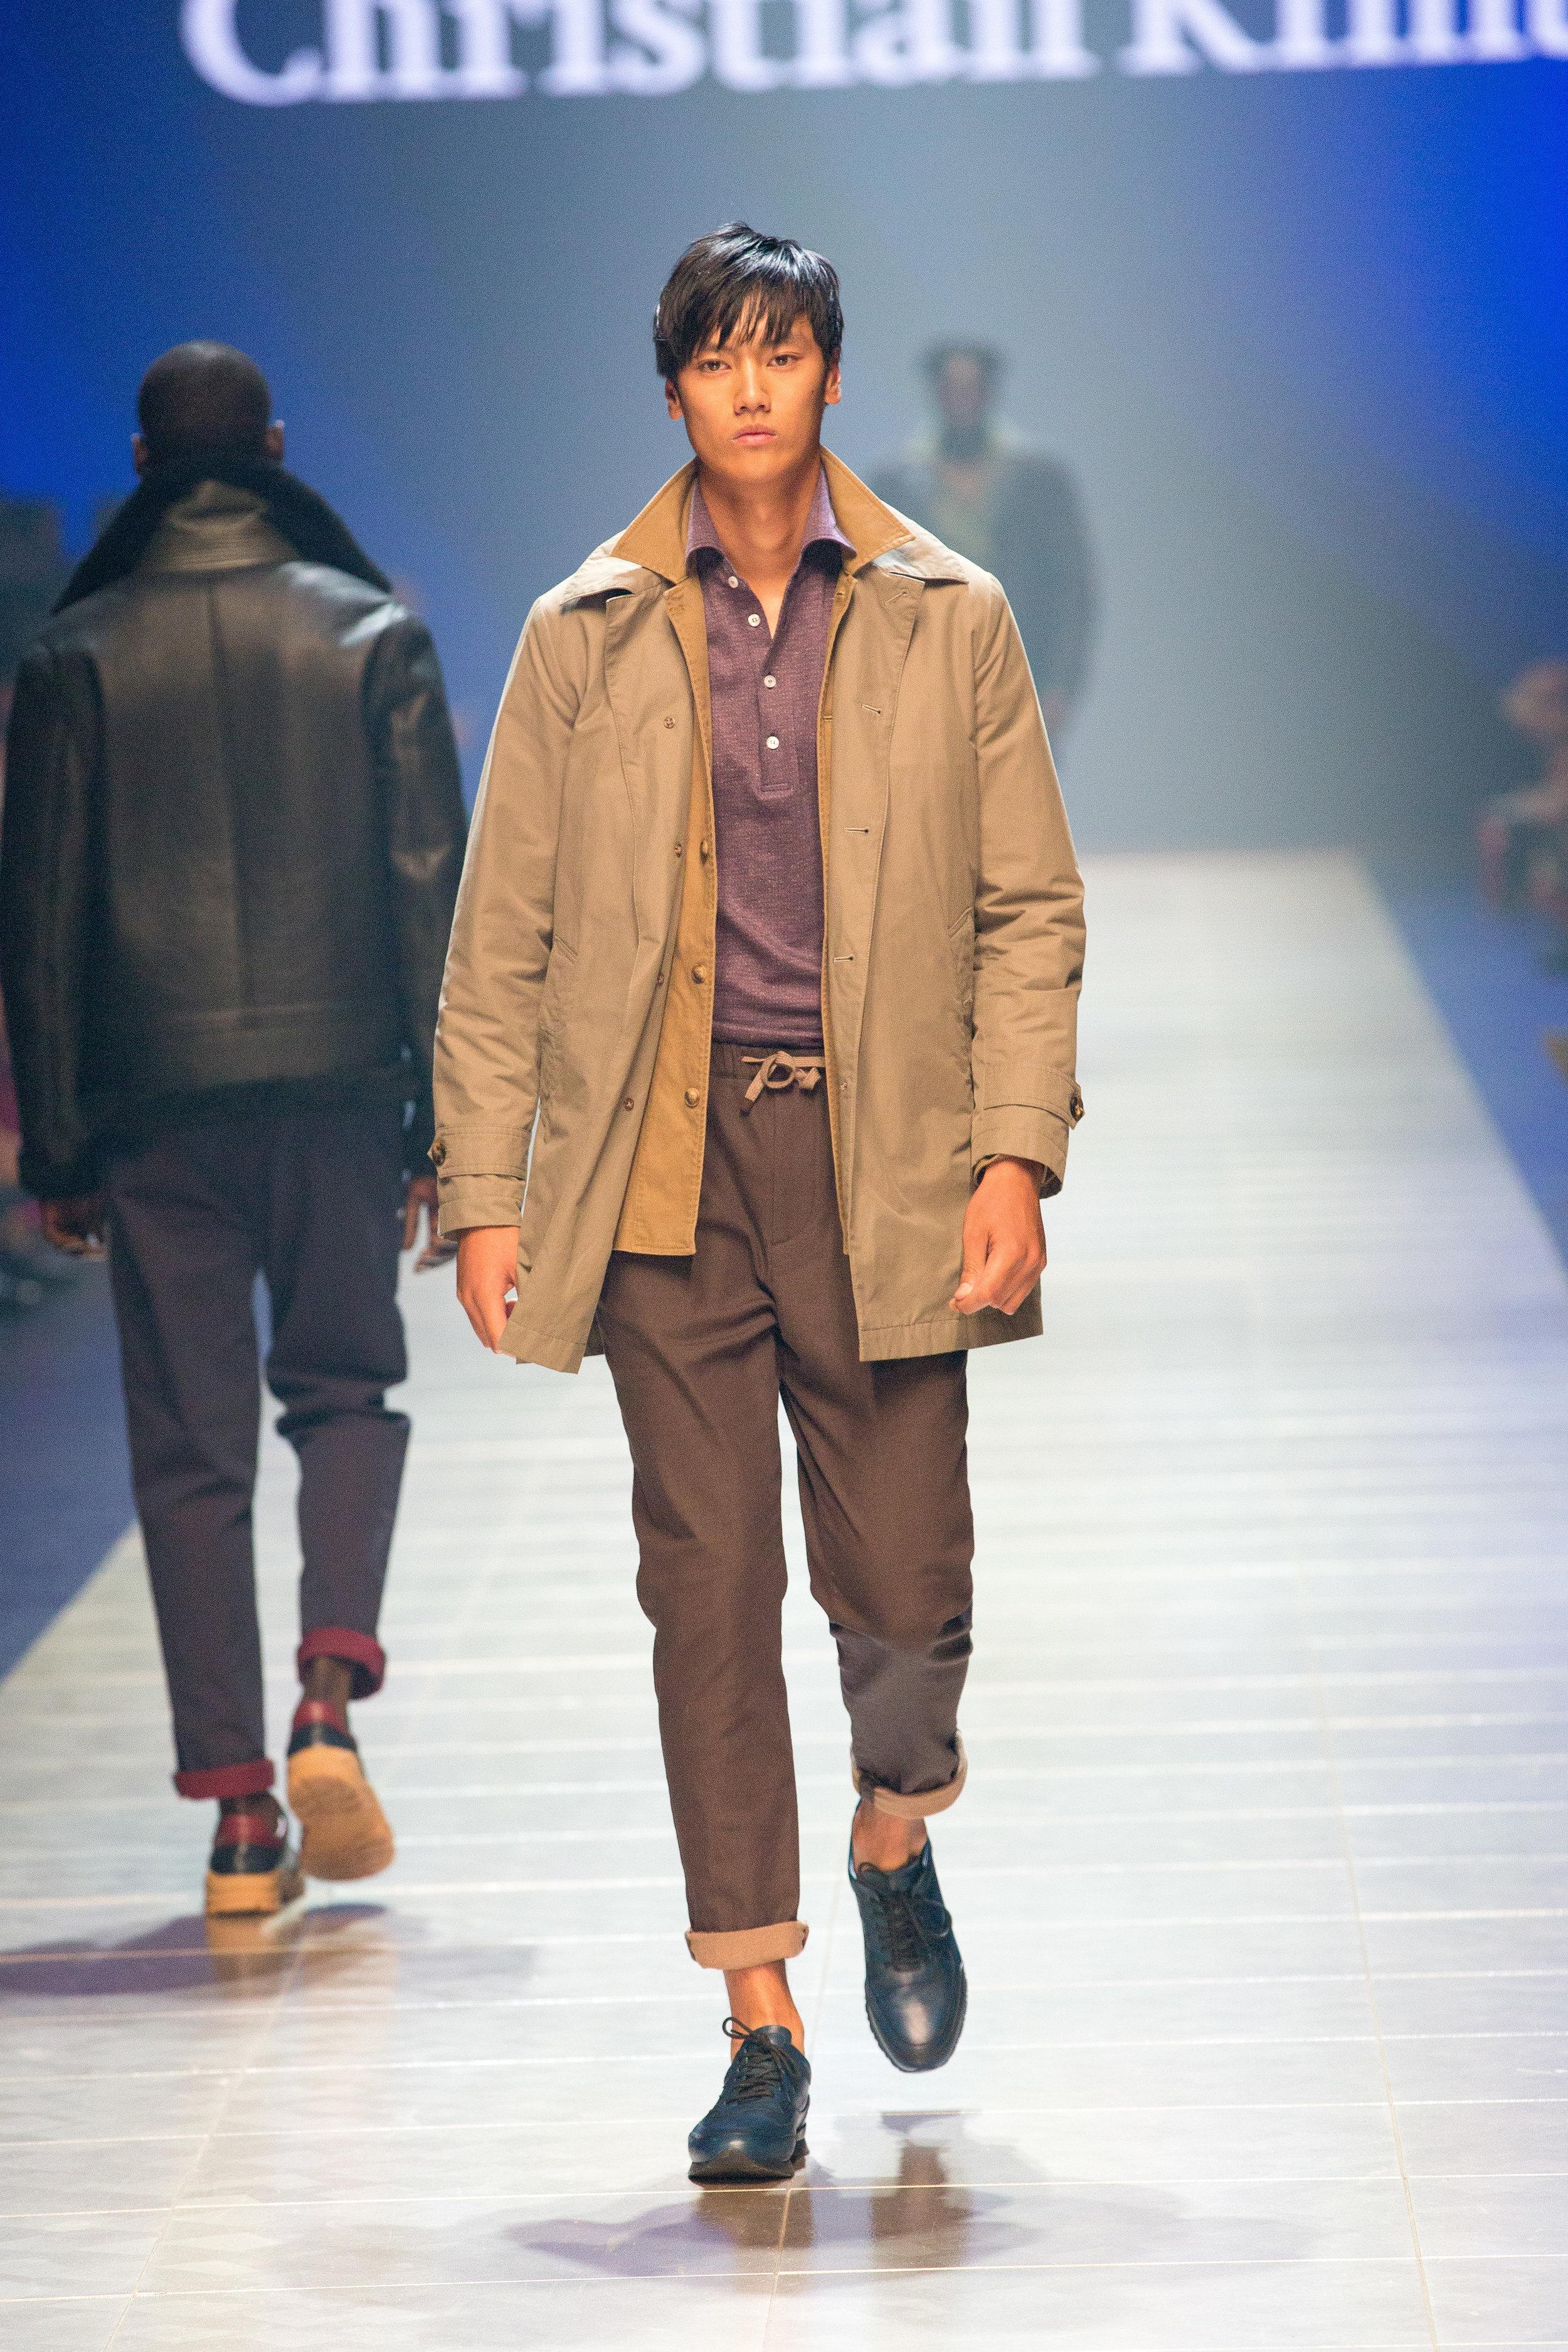 VAMFF2019_GQ Menswear-392.jpg